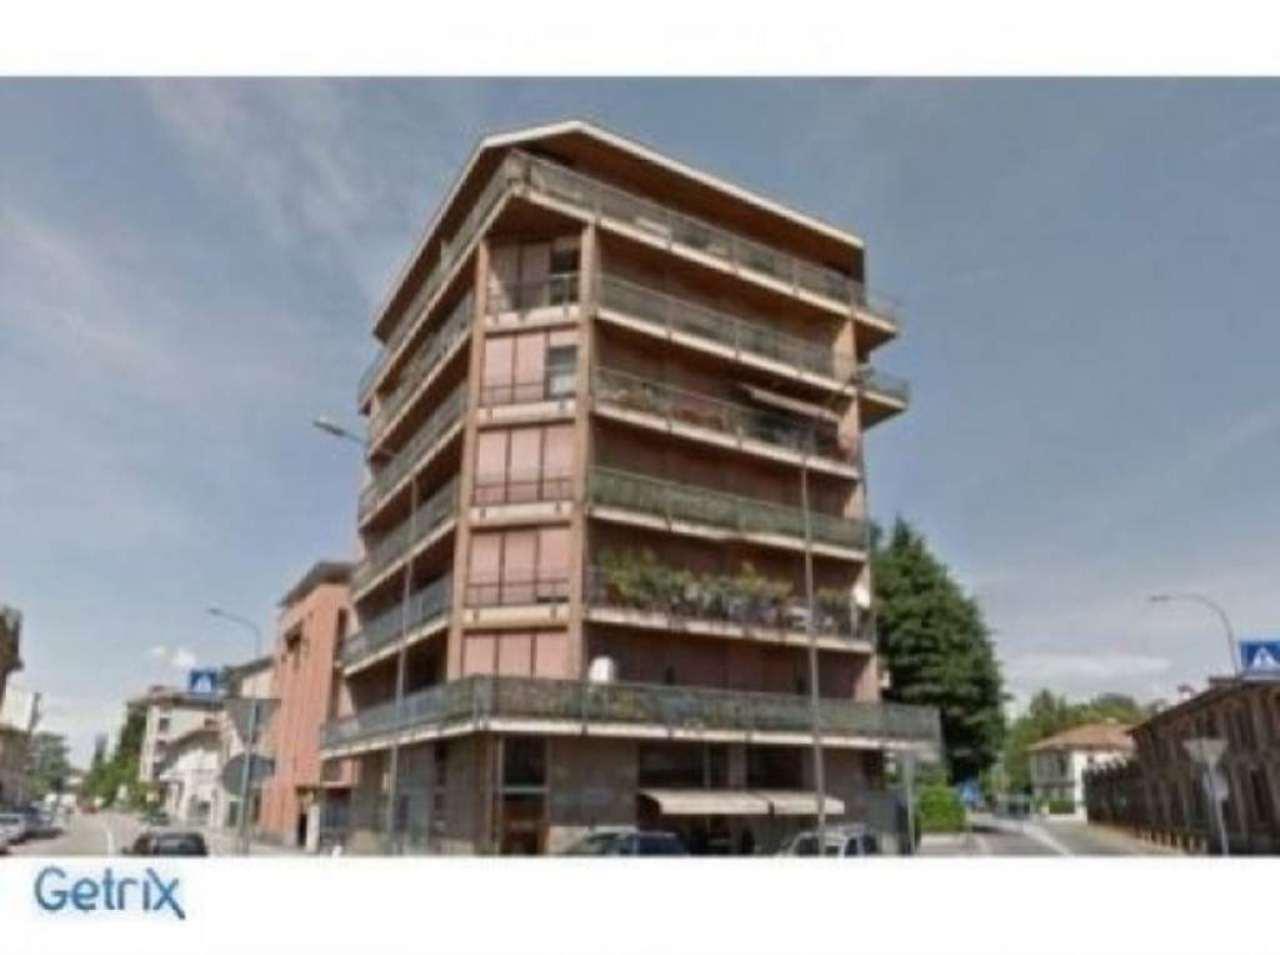 Attico / Mansarda in vendita a Gallarate, 4 locali, prezzo € 215.000 | Cambio Casa.it